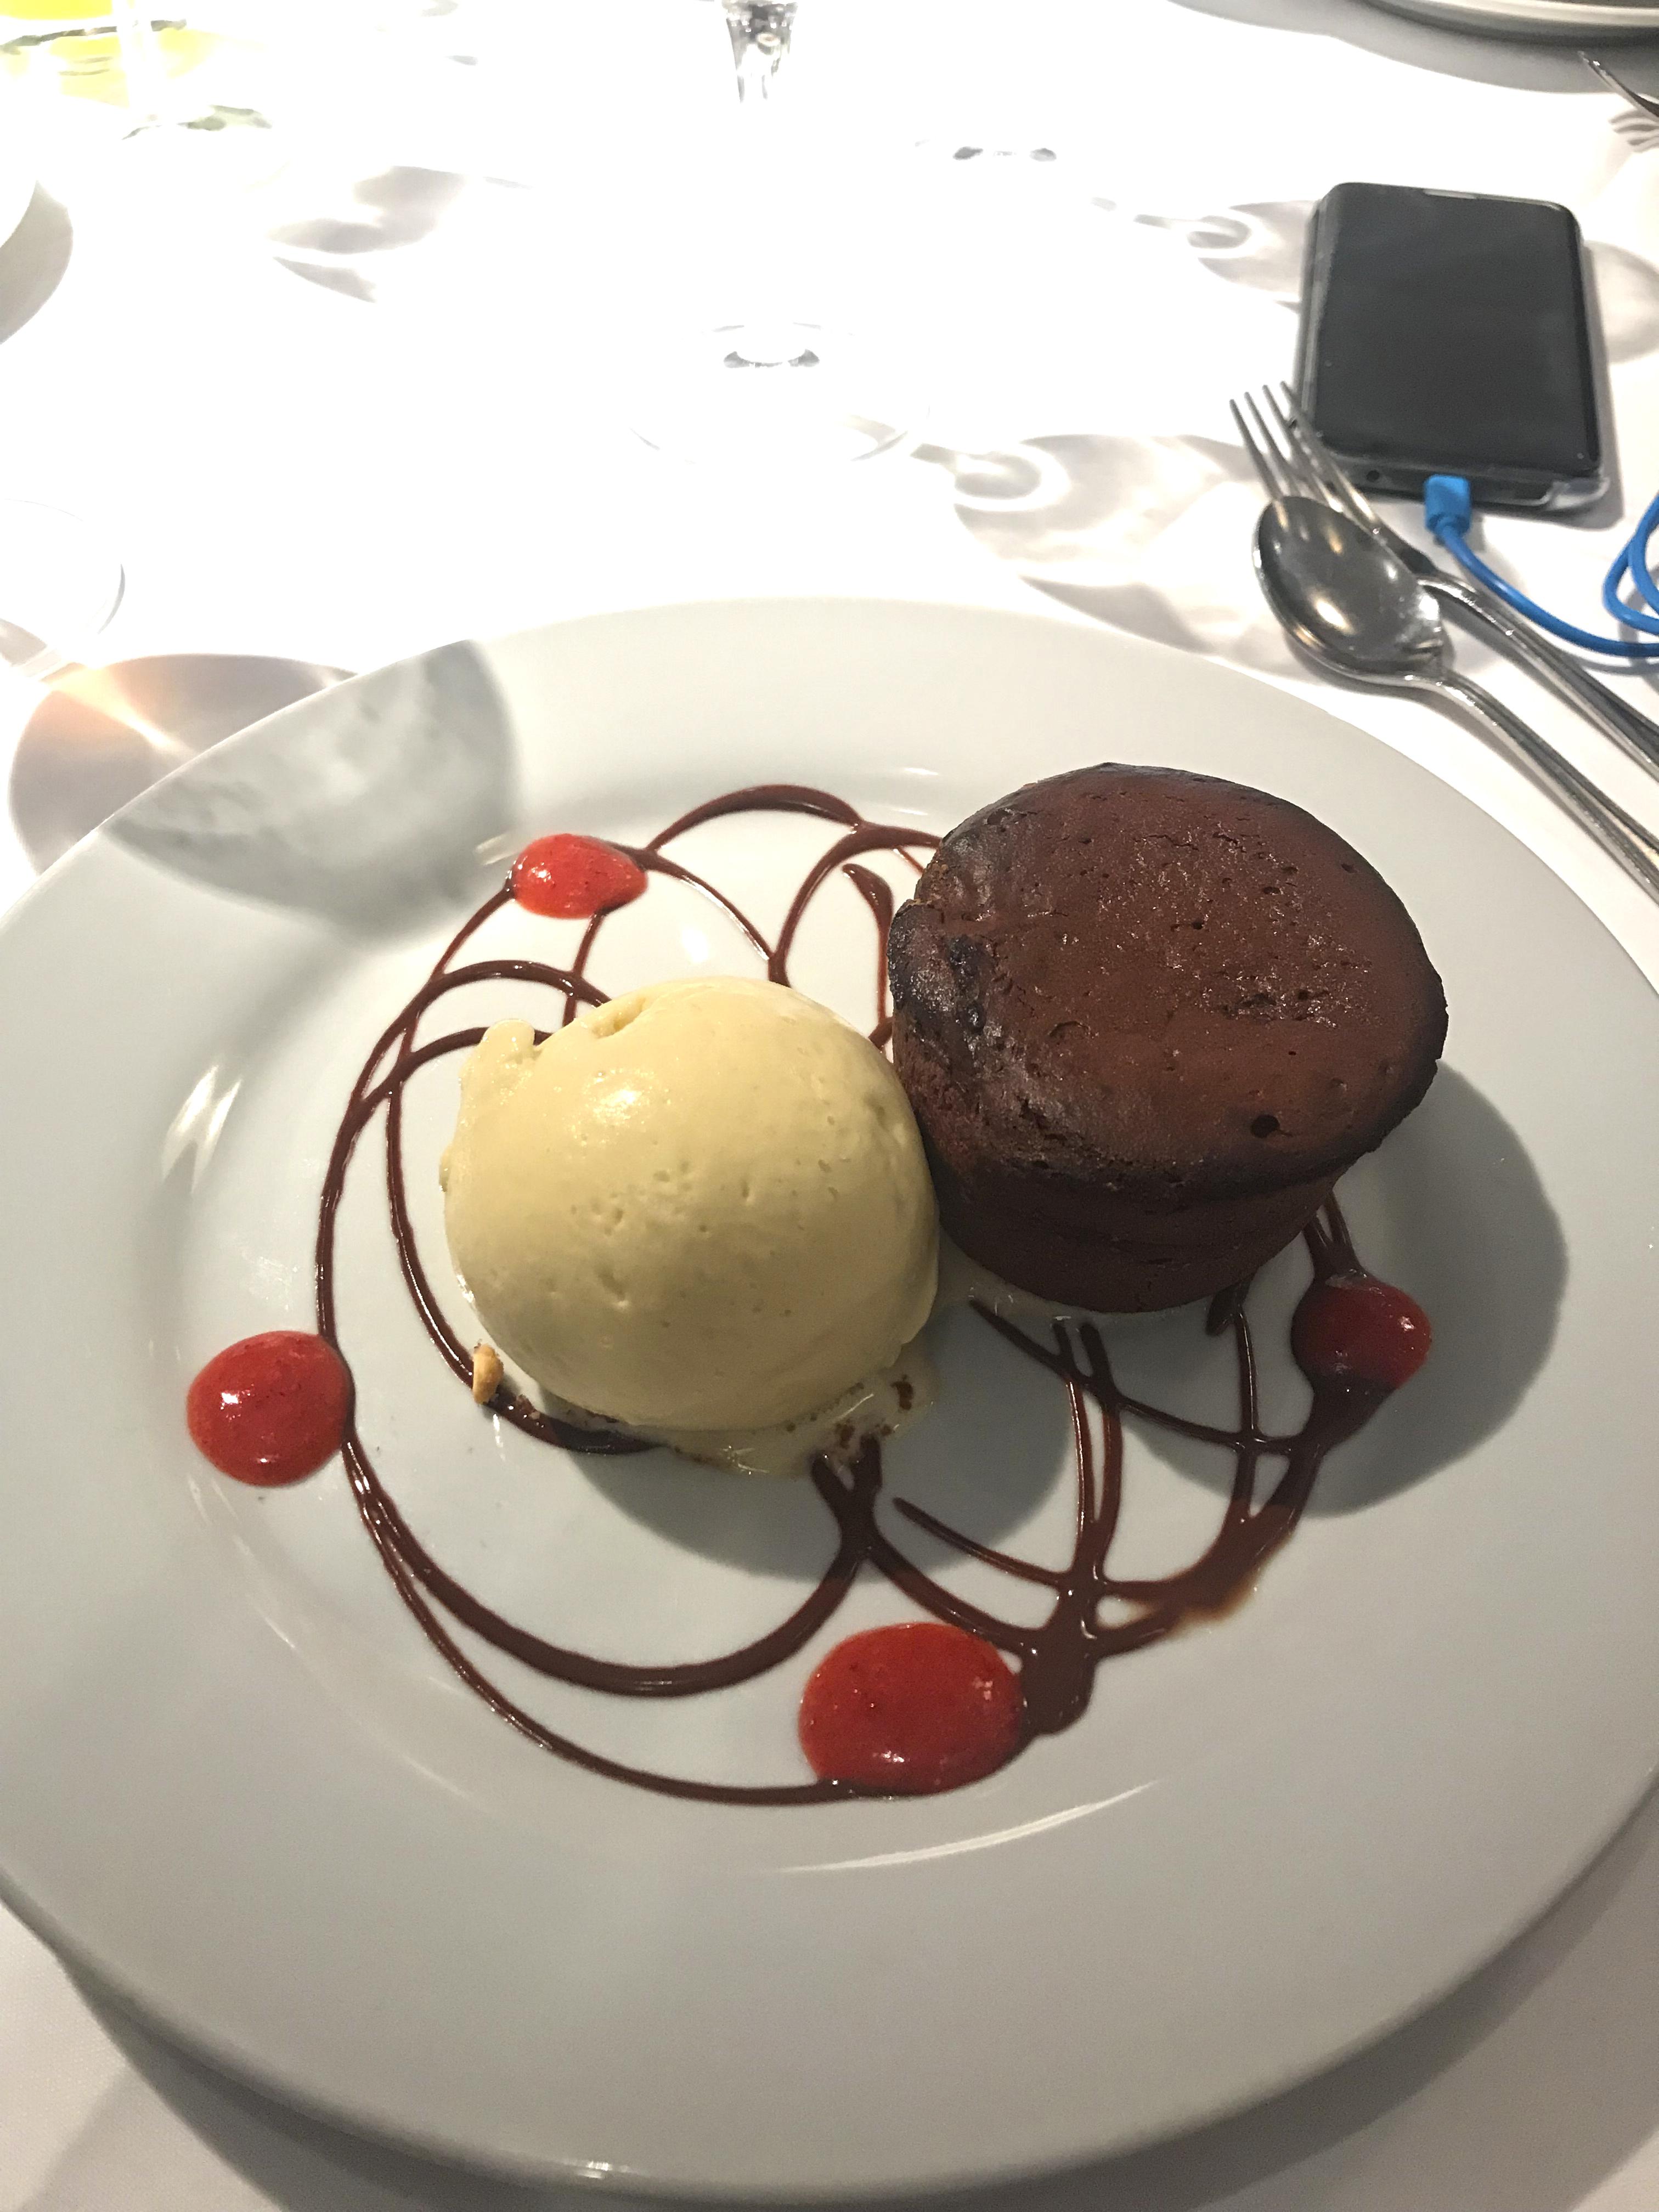 Bolo de chocolate com sorvete de creme e decorações no prato feitas com calda de chocolate.